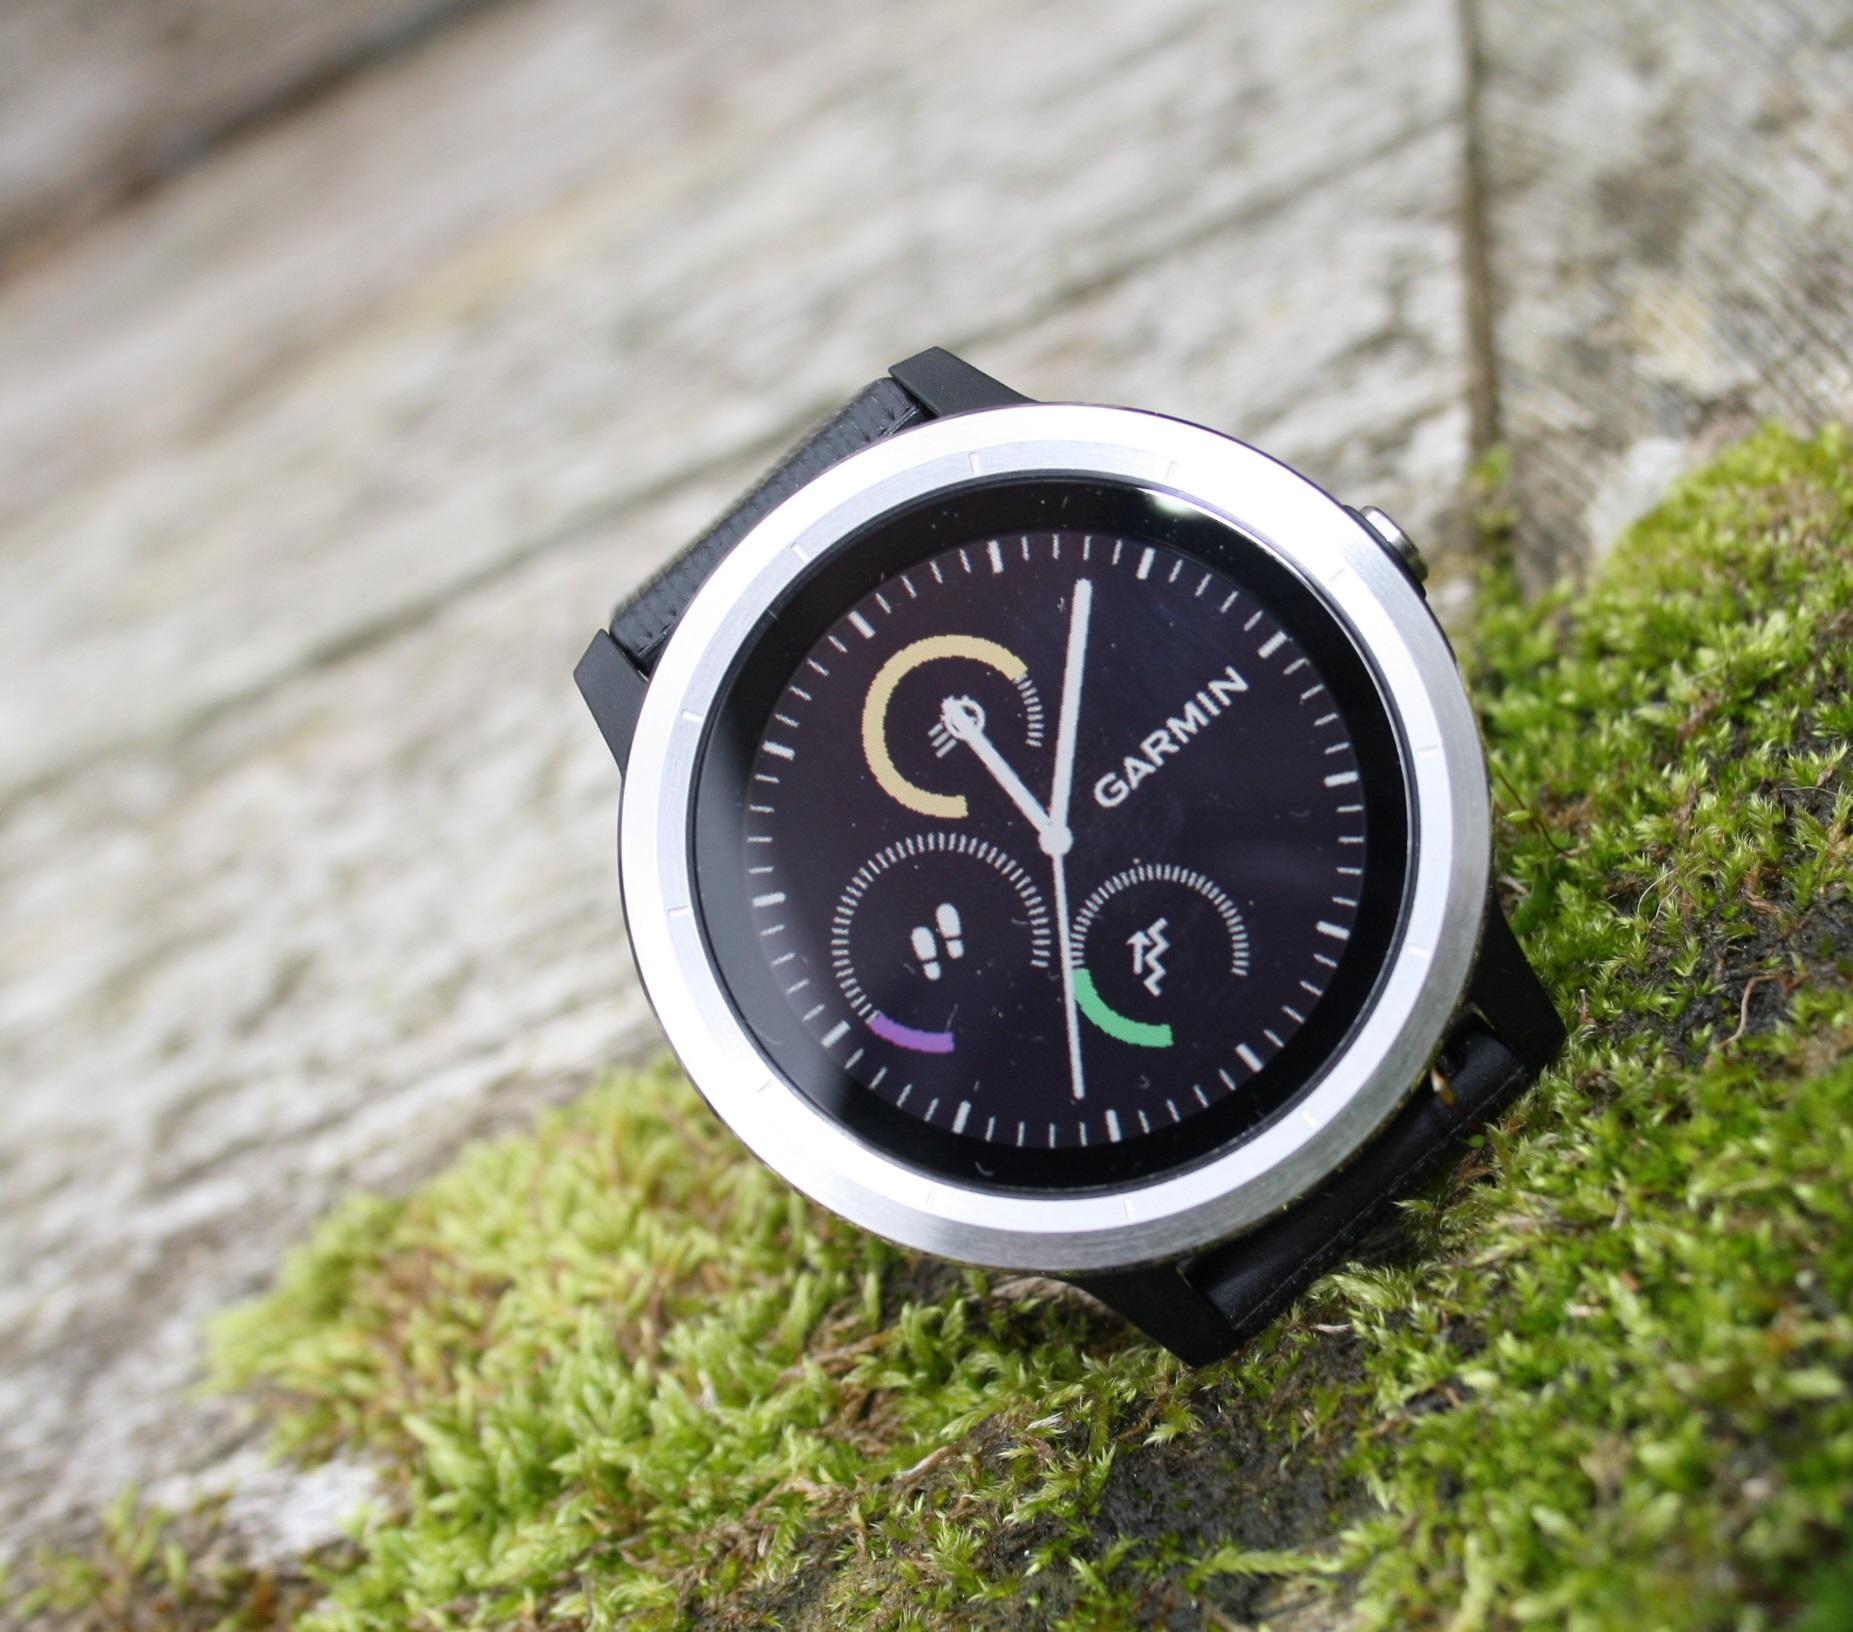 Garmin vívoactive 3 GPS - smartwatch, sportwatch, zegarek sportowy